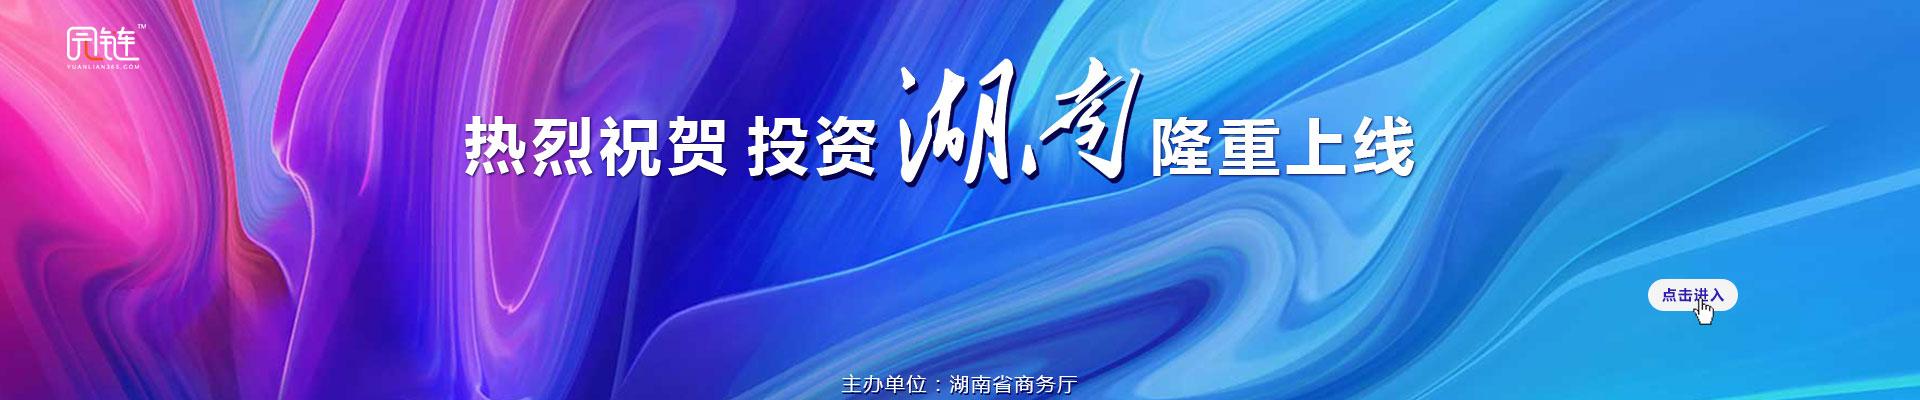 湖南招商云平台